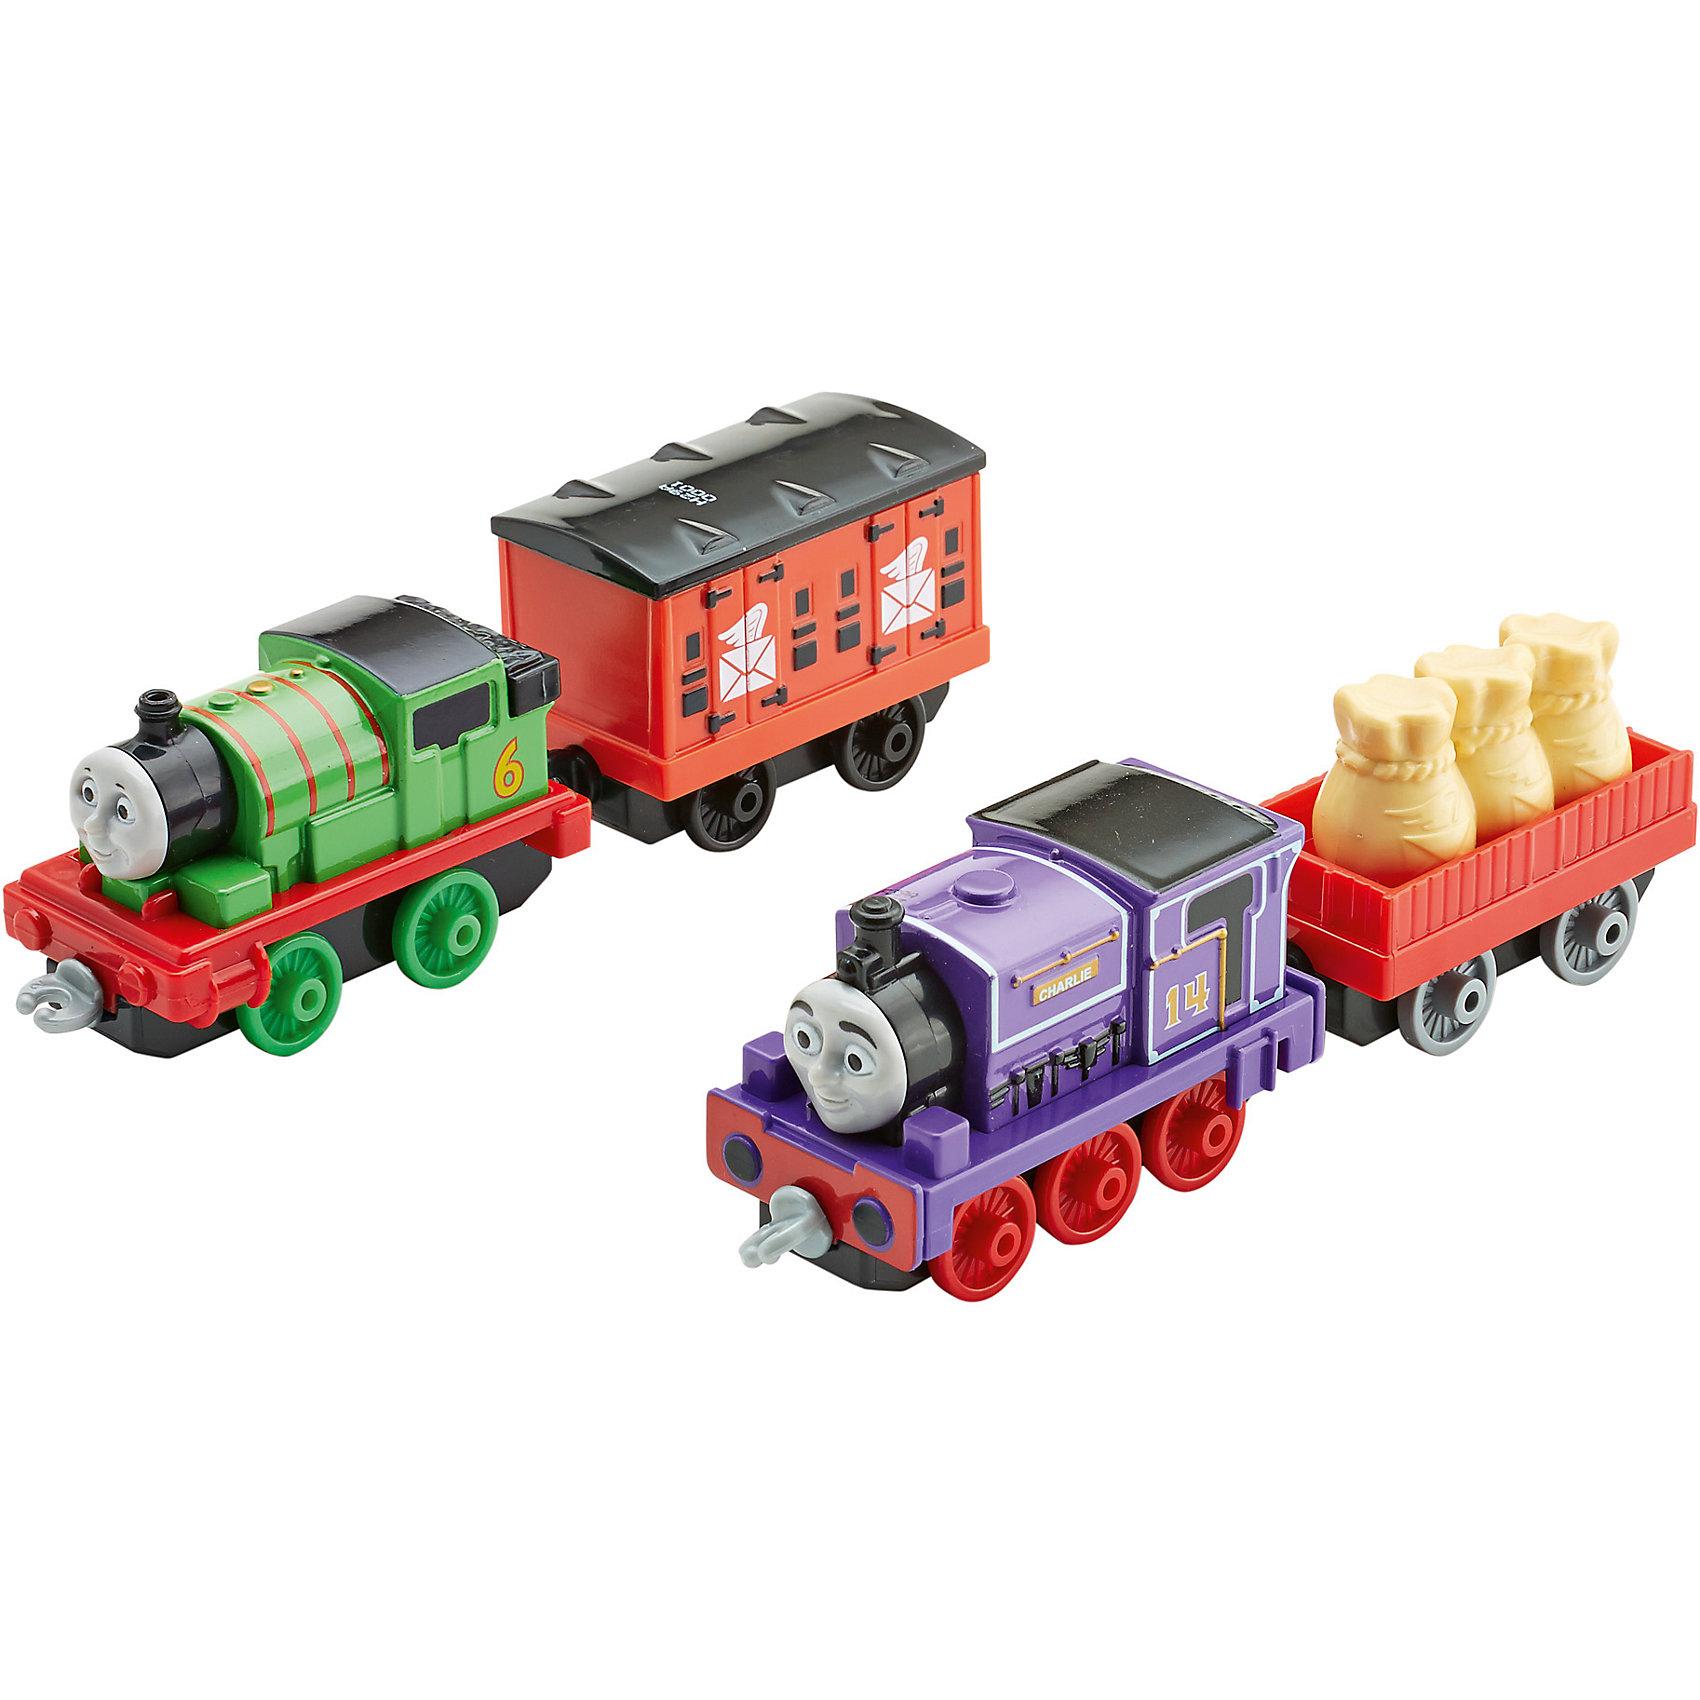 Паровозик, Томас и его друзьяТомас и его друзья<br>Паровозики Томас и его друзья, из серии Collectible Railway - это два очаровательных паровозика, выполненных в виде героев любимого детского мультфильма Thomas &amp; Friends. Для более веселой игры к ним добавлена пара грузовых вагончиков, которые можно прикрепить к паровозам, что позволит ребенку придумать и разыграть еще больше увлекательных сюжетов. Корпуса фигурок выполнены из литого металла, что делает их долговечными и устойчивыми к поломкам. Паровозы и вагончики окрашены в яркие цвета и сразу привлекают внимание ребенка, даже если он еще не знаком с их мультипликационными прототипами. При производстве игрушек были использованы только нетоксичные материалы. При соблюдении рекомендаций, данных производителем, набор безопасен для детей.<br><br>Дополнительная информация:<br><br>- возраст: от 3 лет.<br>- материал: металл, пластик.<br>- размер упаковки: 25,5*13*3,5 см.<br>- вес: 181 г.<br>- в комплекте: 2 паровозика и 2 вагончика.<br>- страна обладатель бренда: США.<br><br>Паровозики, Томас и его друзья торговой марки   Fisher-Price (Фишер Прайс)   можно купить в нашем интернет-магазине.<br><br>Ширина мм: 35<br>Глубина мм: 130<br>Высота мм: 255<br>Вес г: 241<br>Возраст от месяцев: 36<br>Возраст до месяцев: 120<br>Пол: Мужской<br>Возраст: Детский<br>SKU: 5047633